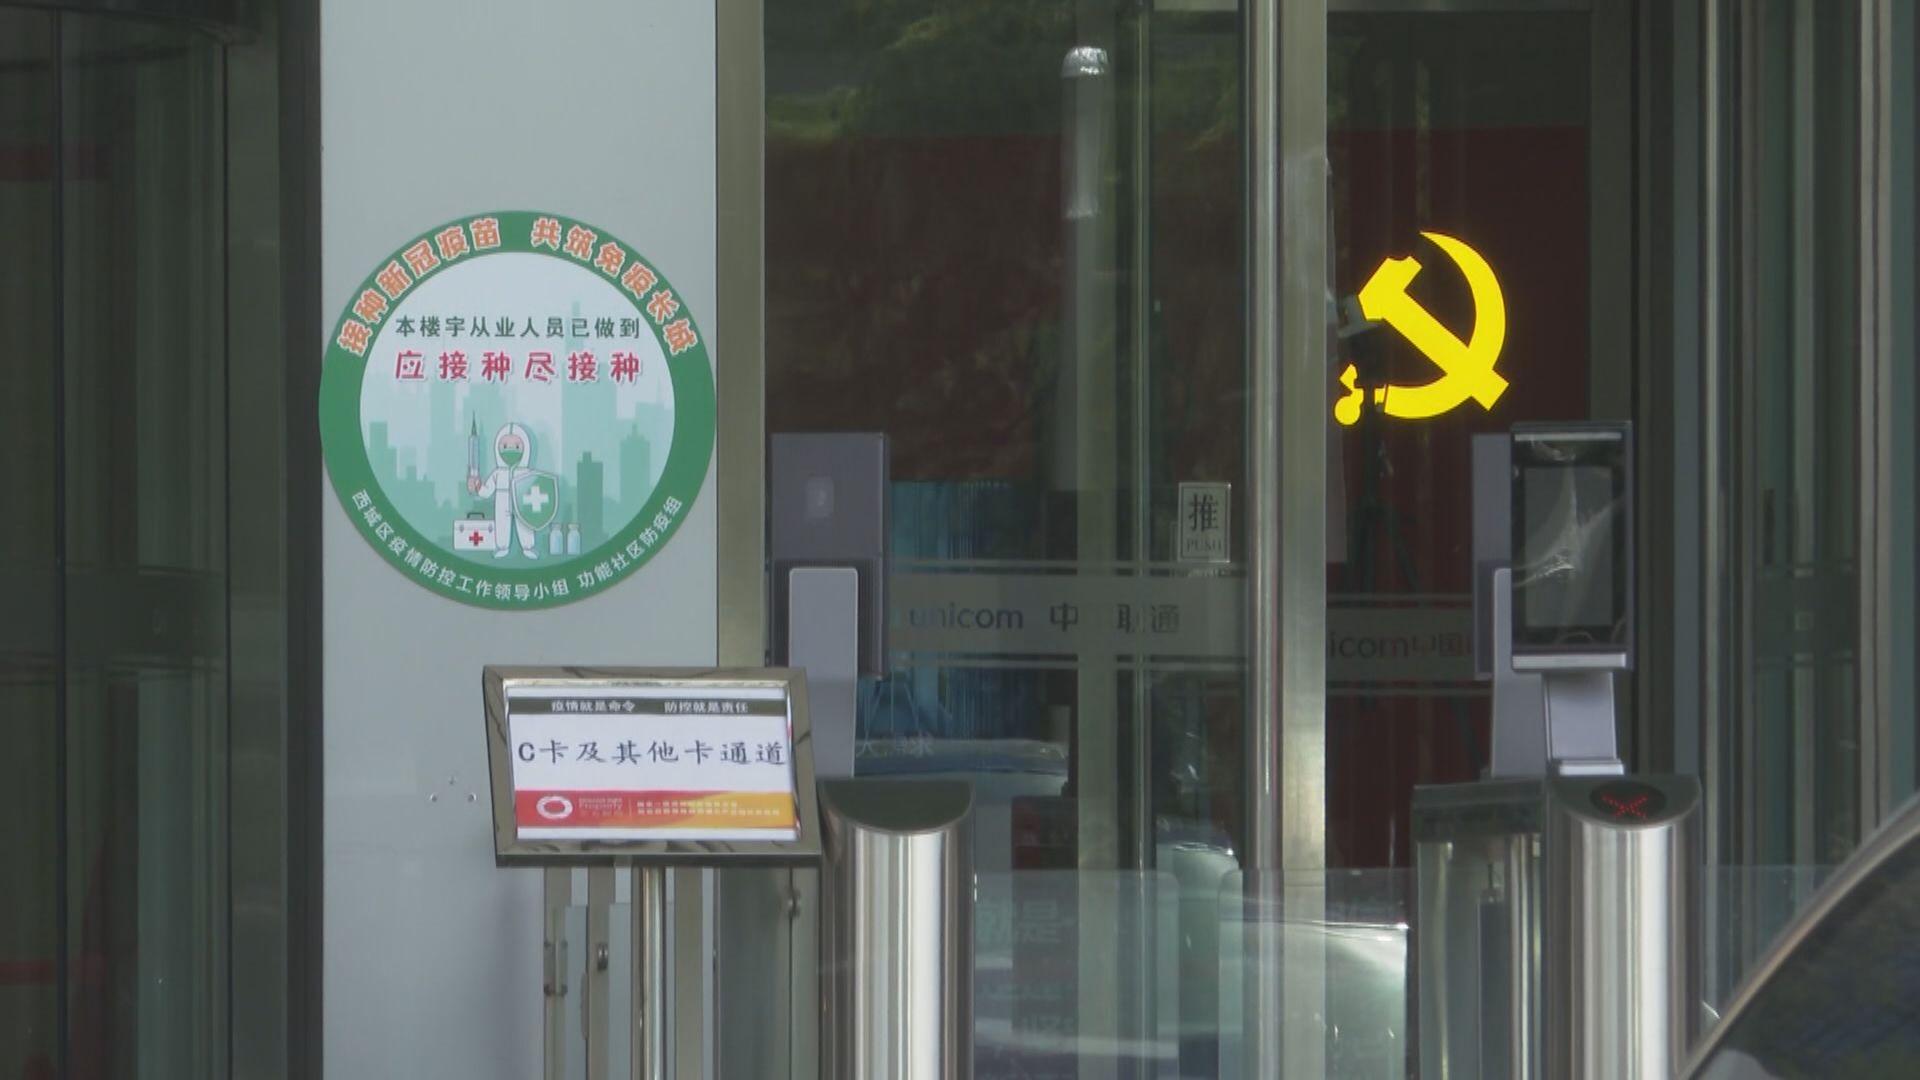 【首都專線】北京設流動接種車及顏色標籤 推動全民接種新冠疫苗